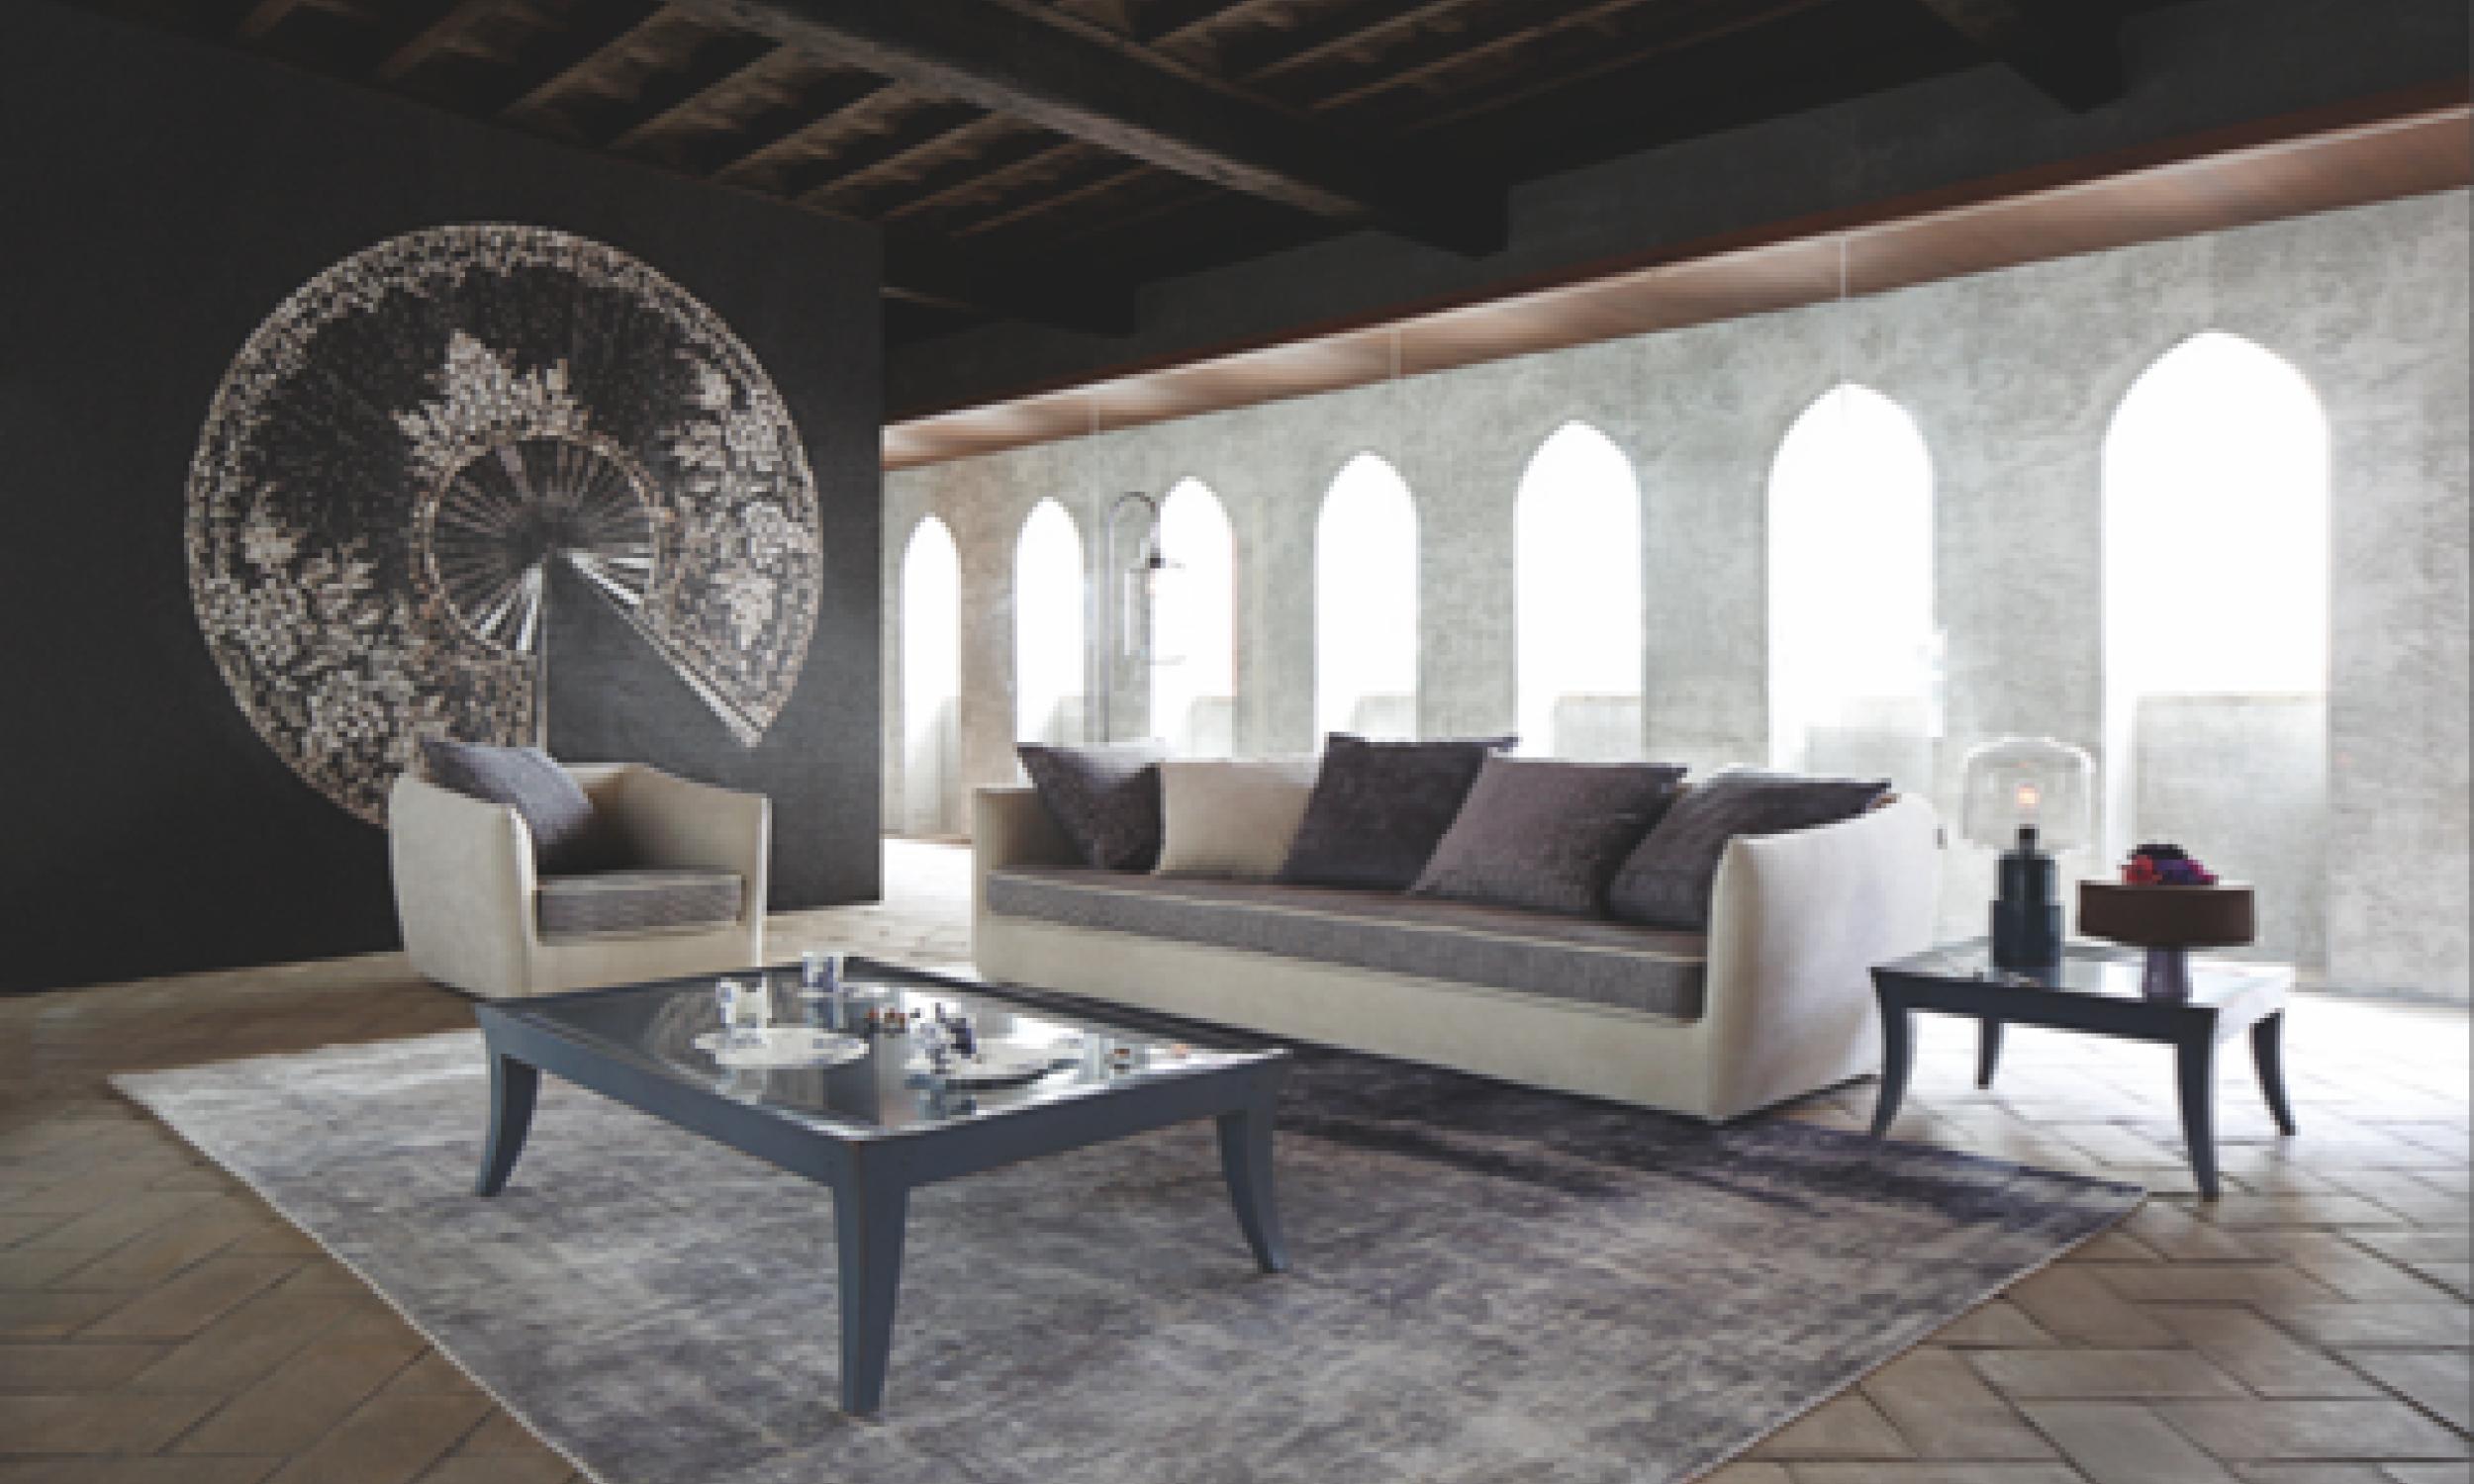 Roche Bobois soldes 2016 Luxe Photos Salle A Manger Design Roche Bobois Great Superb Meuble Salle A